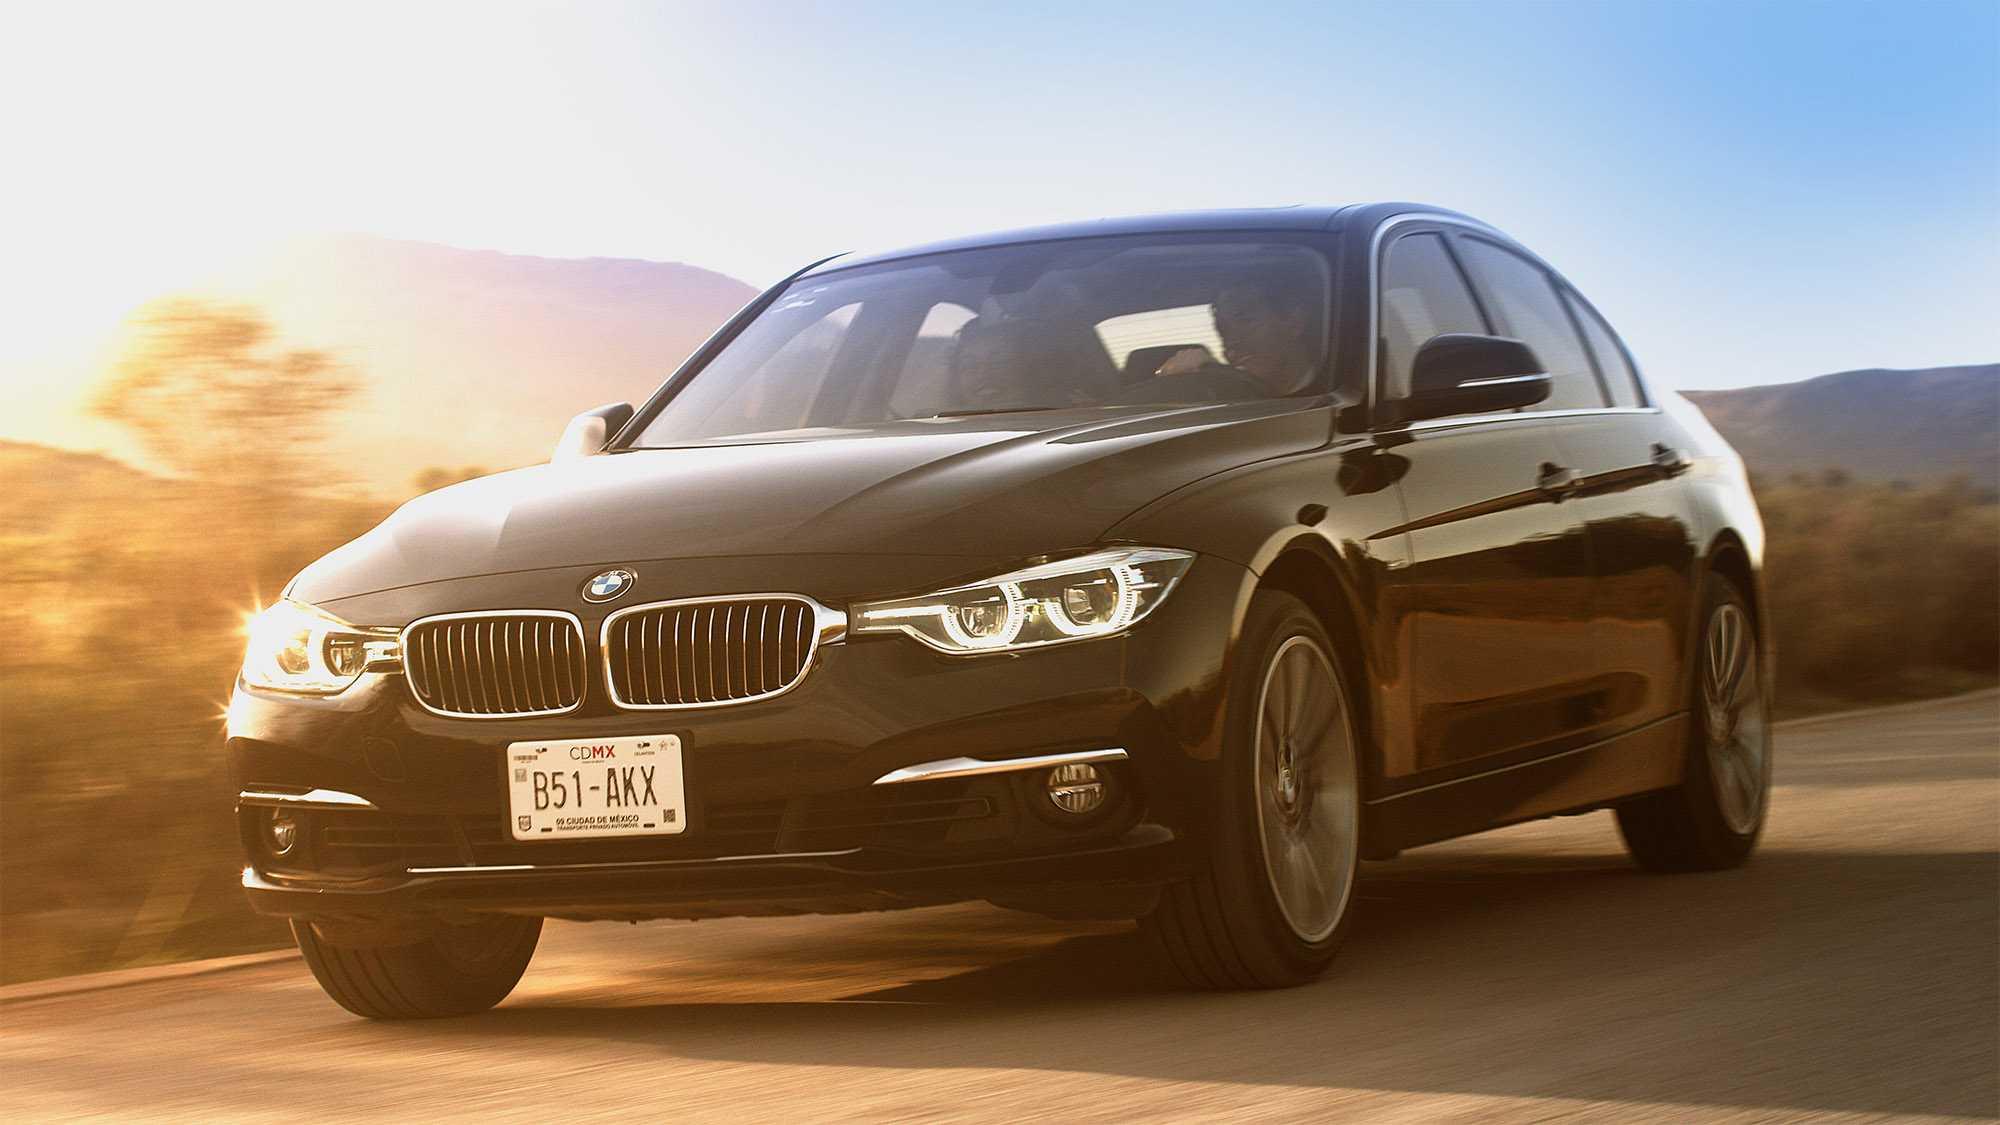 Das Bild zeigt einen schwarzen BMW. Er fährt auf einer Straße. Man sieht die Frontansicht. Das Bild dient als Sliderbild für den Portfolioeintrag BMW Plant San Luis Potosí Mexico von Panda Pictures.